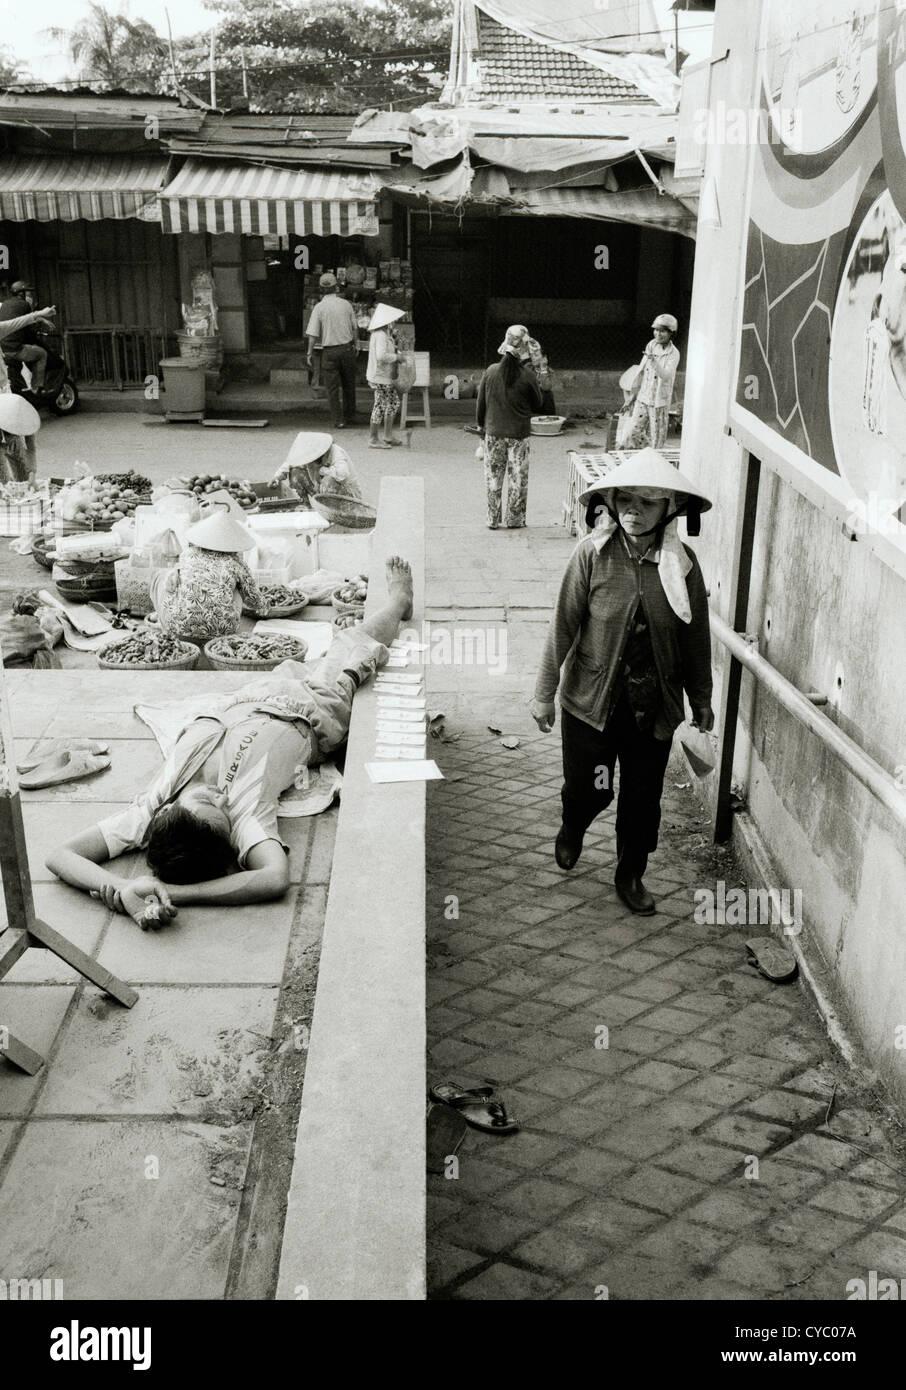 Reise Fotografie-Straße von einem Mann schlafen in Hoi An in Vietnam in Südostasien im Fernen Osten. Reportage Stockbild